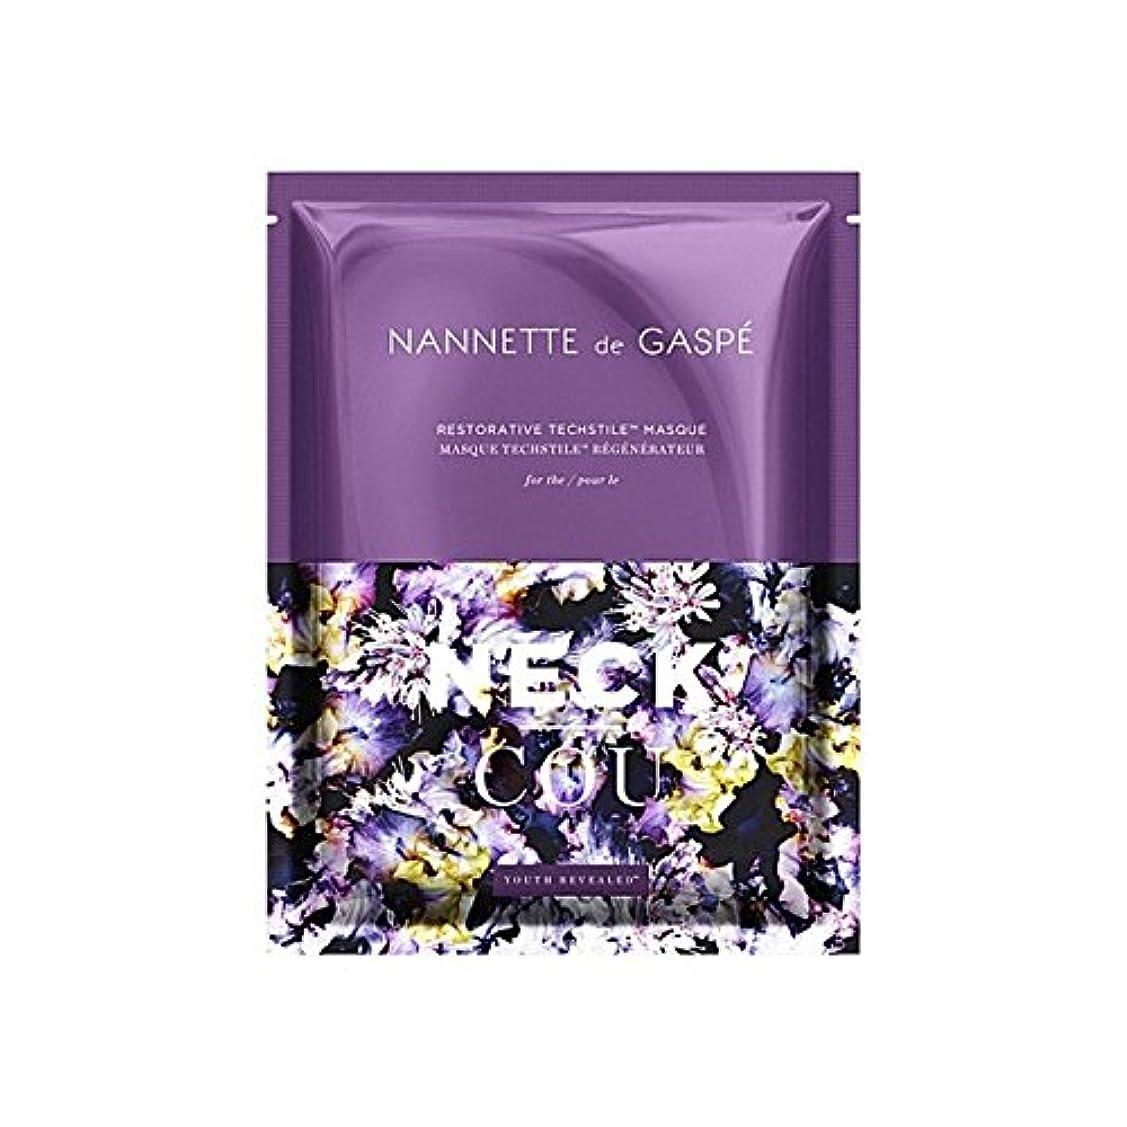 ケーブルボックスホースデガスペ修復首の仮面劇 x2 - Nannette De Gaspe Restorative Techstile Neck Masque (Pack of 2) [並行輸入品]